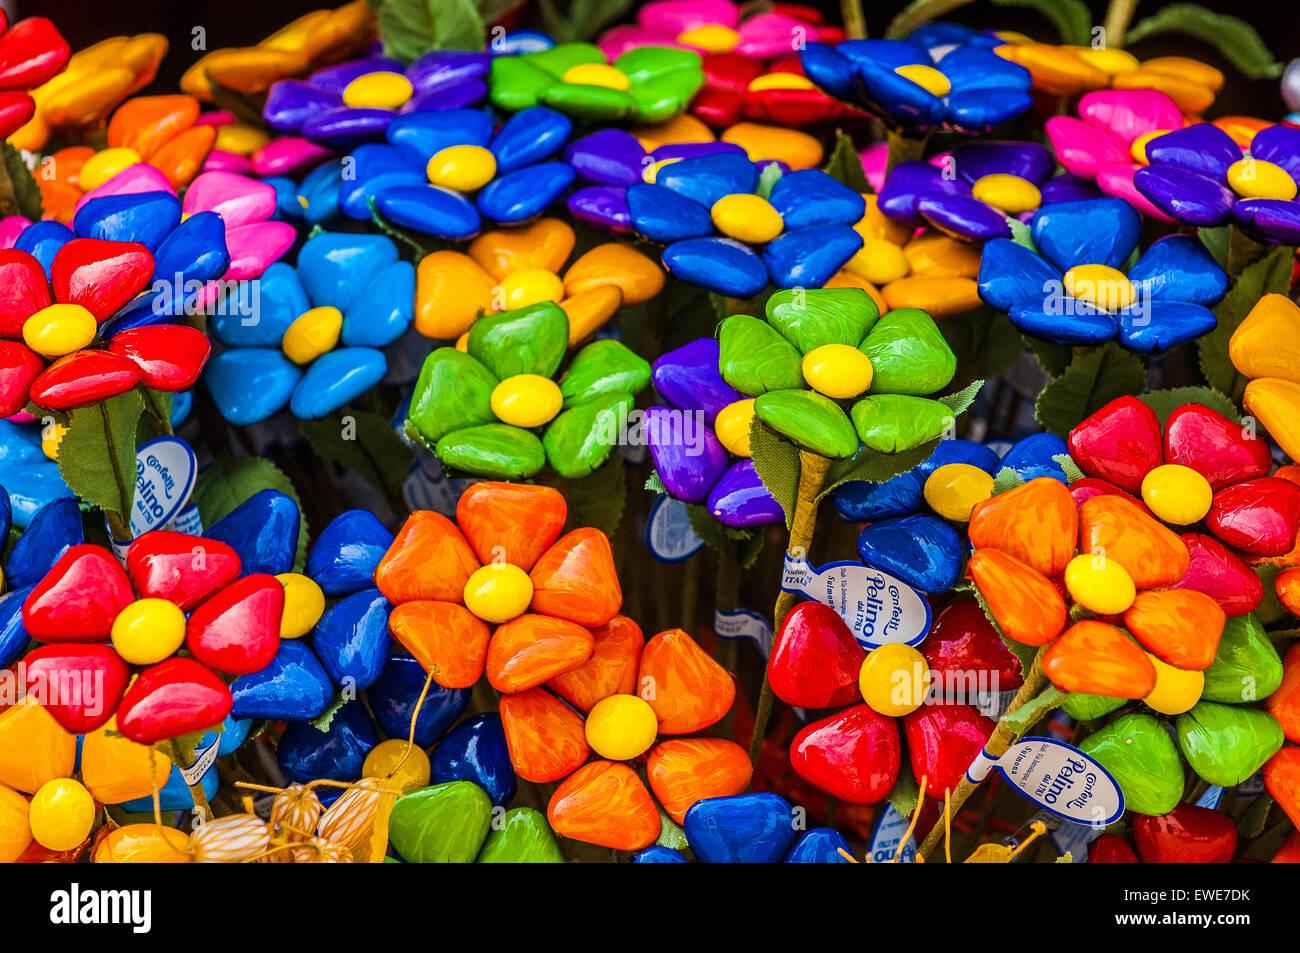 Italy Abruzzo Confetti Di Sulmona Typical Product Stock